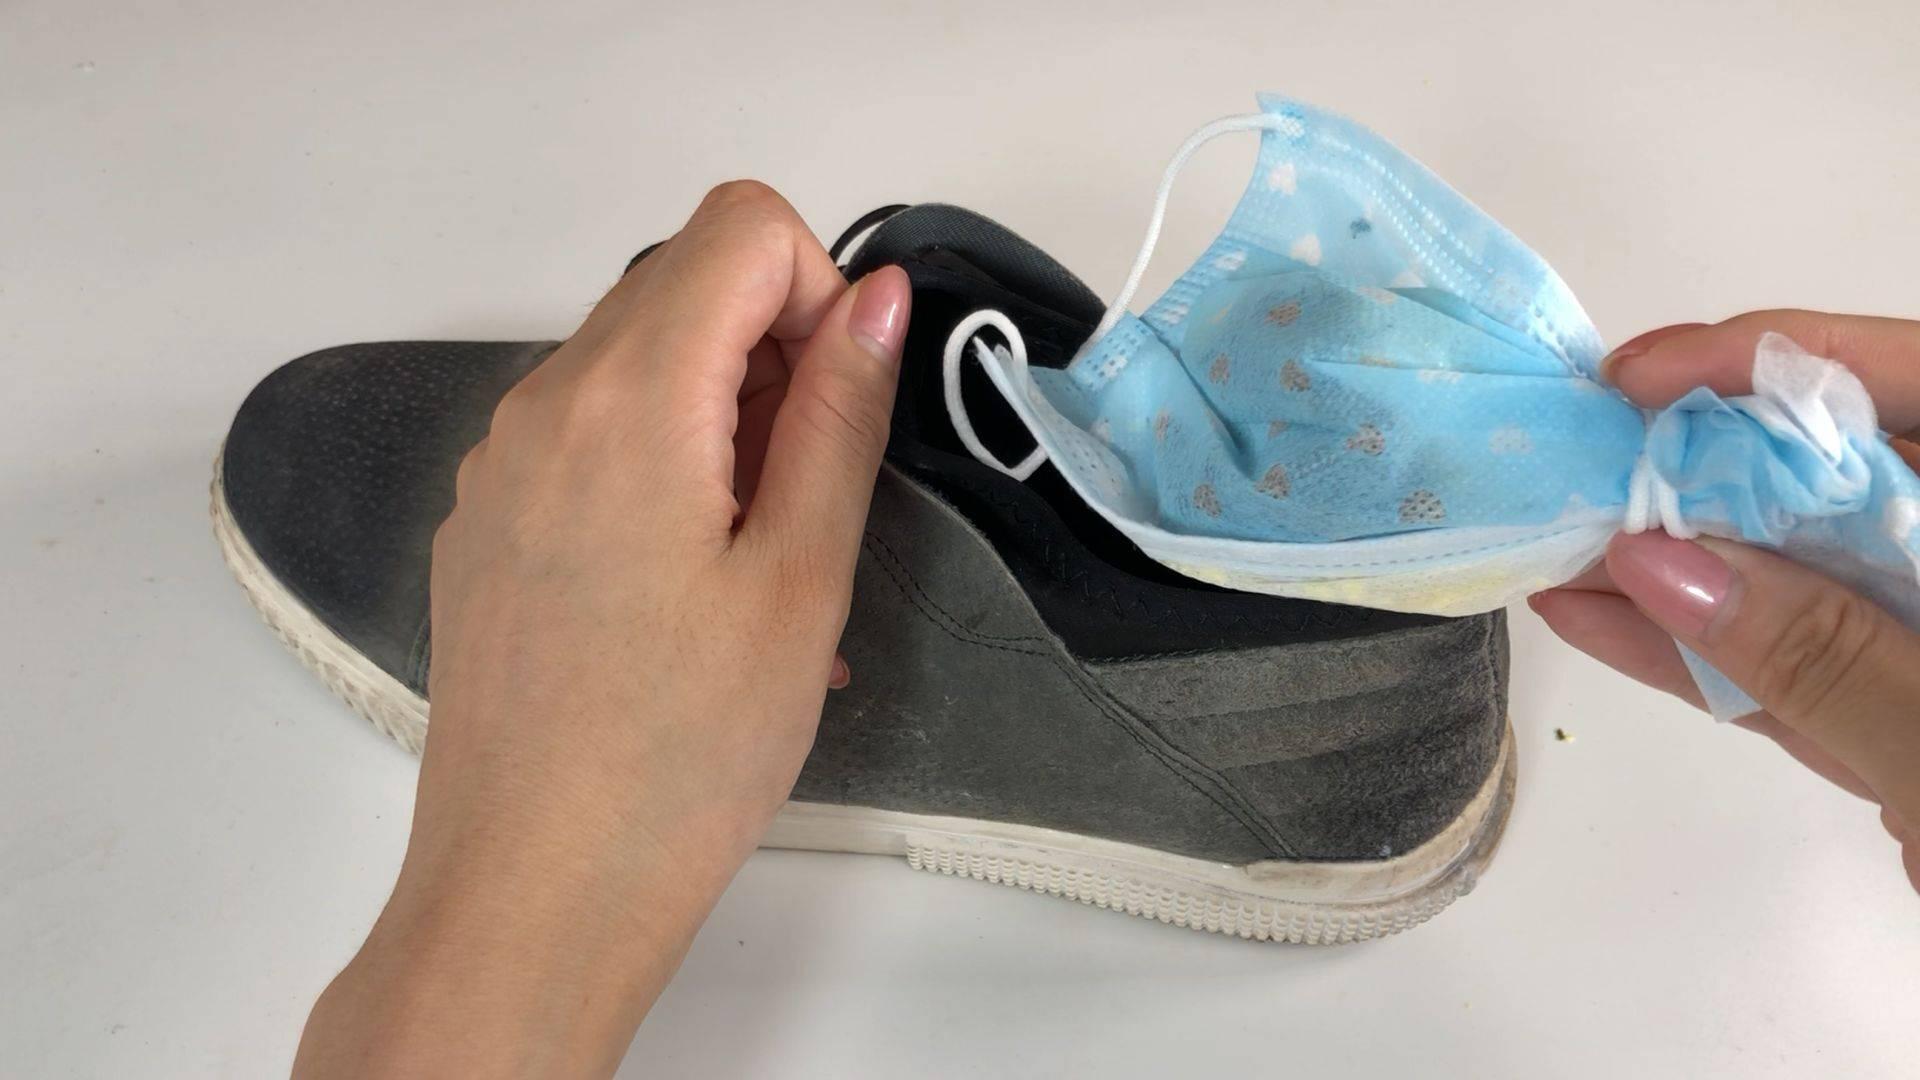 鞋子太臭怎么快速去除(鞋子里面好臭用什么方法)插图(4)